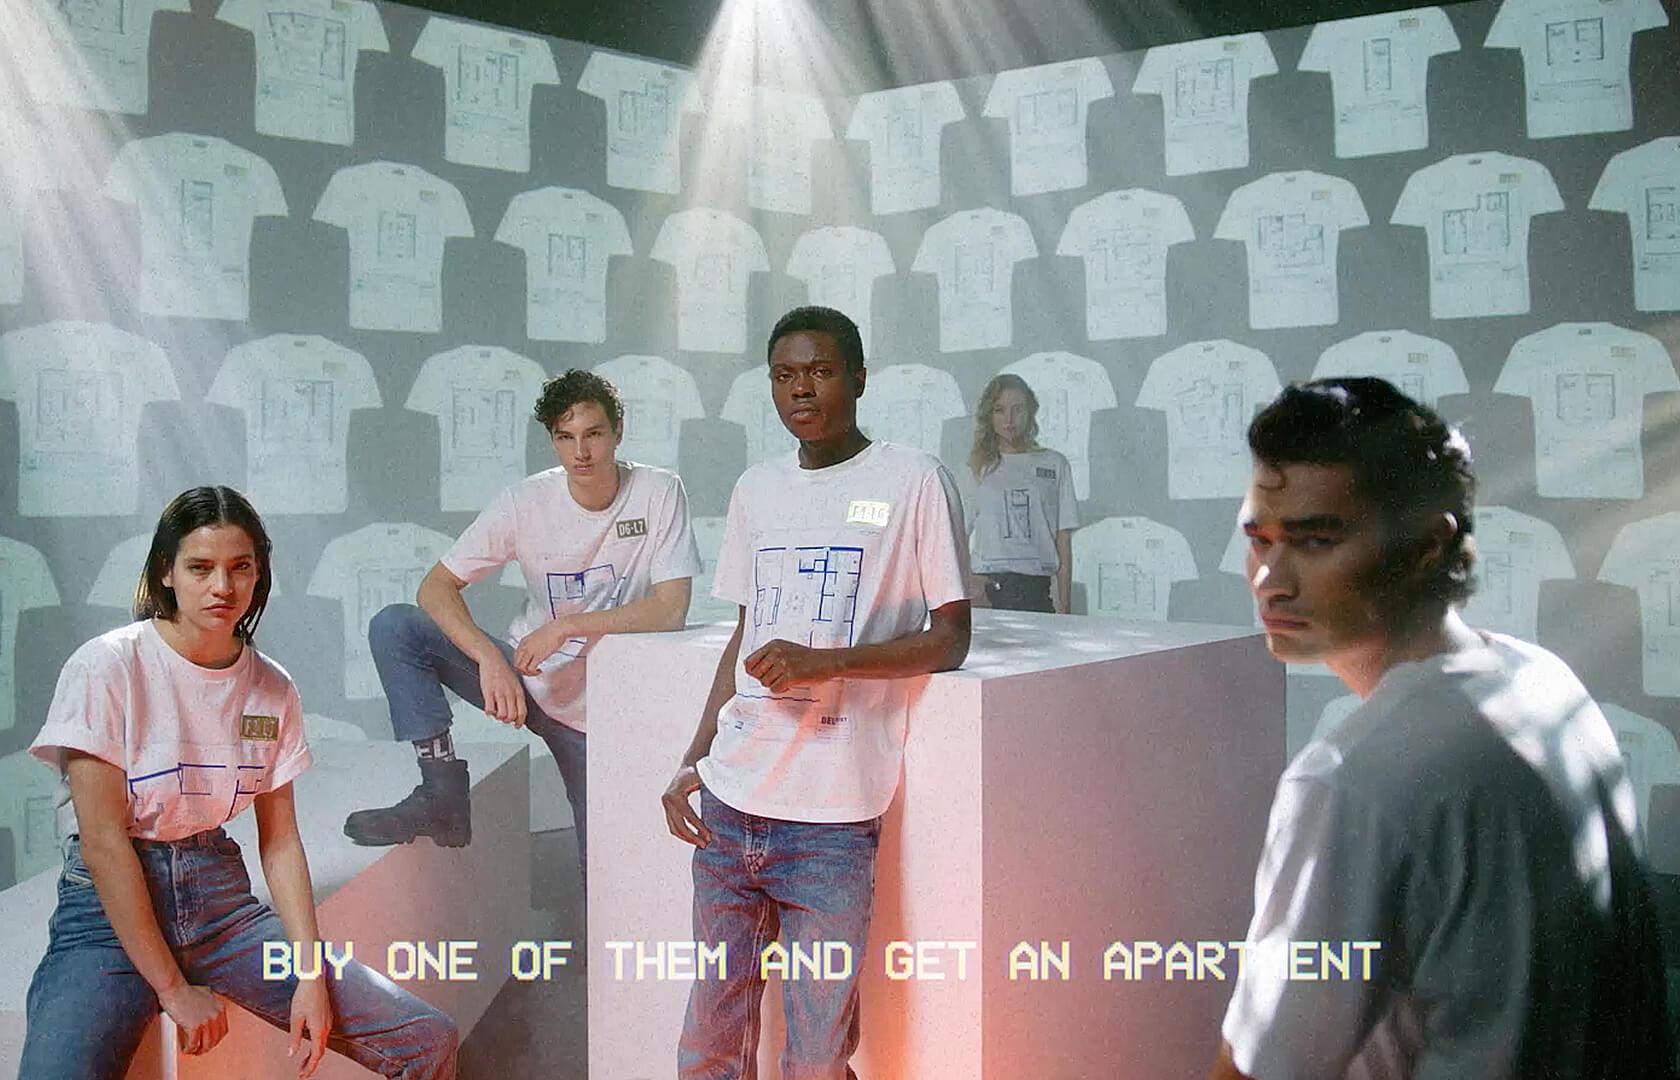 Acquista una maglietta e ottieni un appartamento: la nuova campagna di Diesel